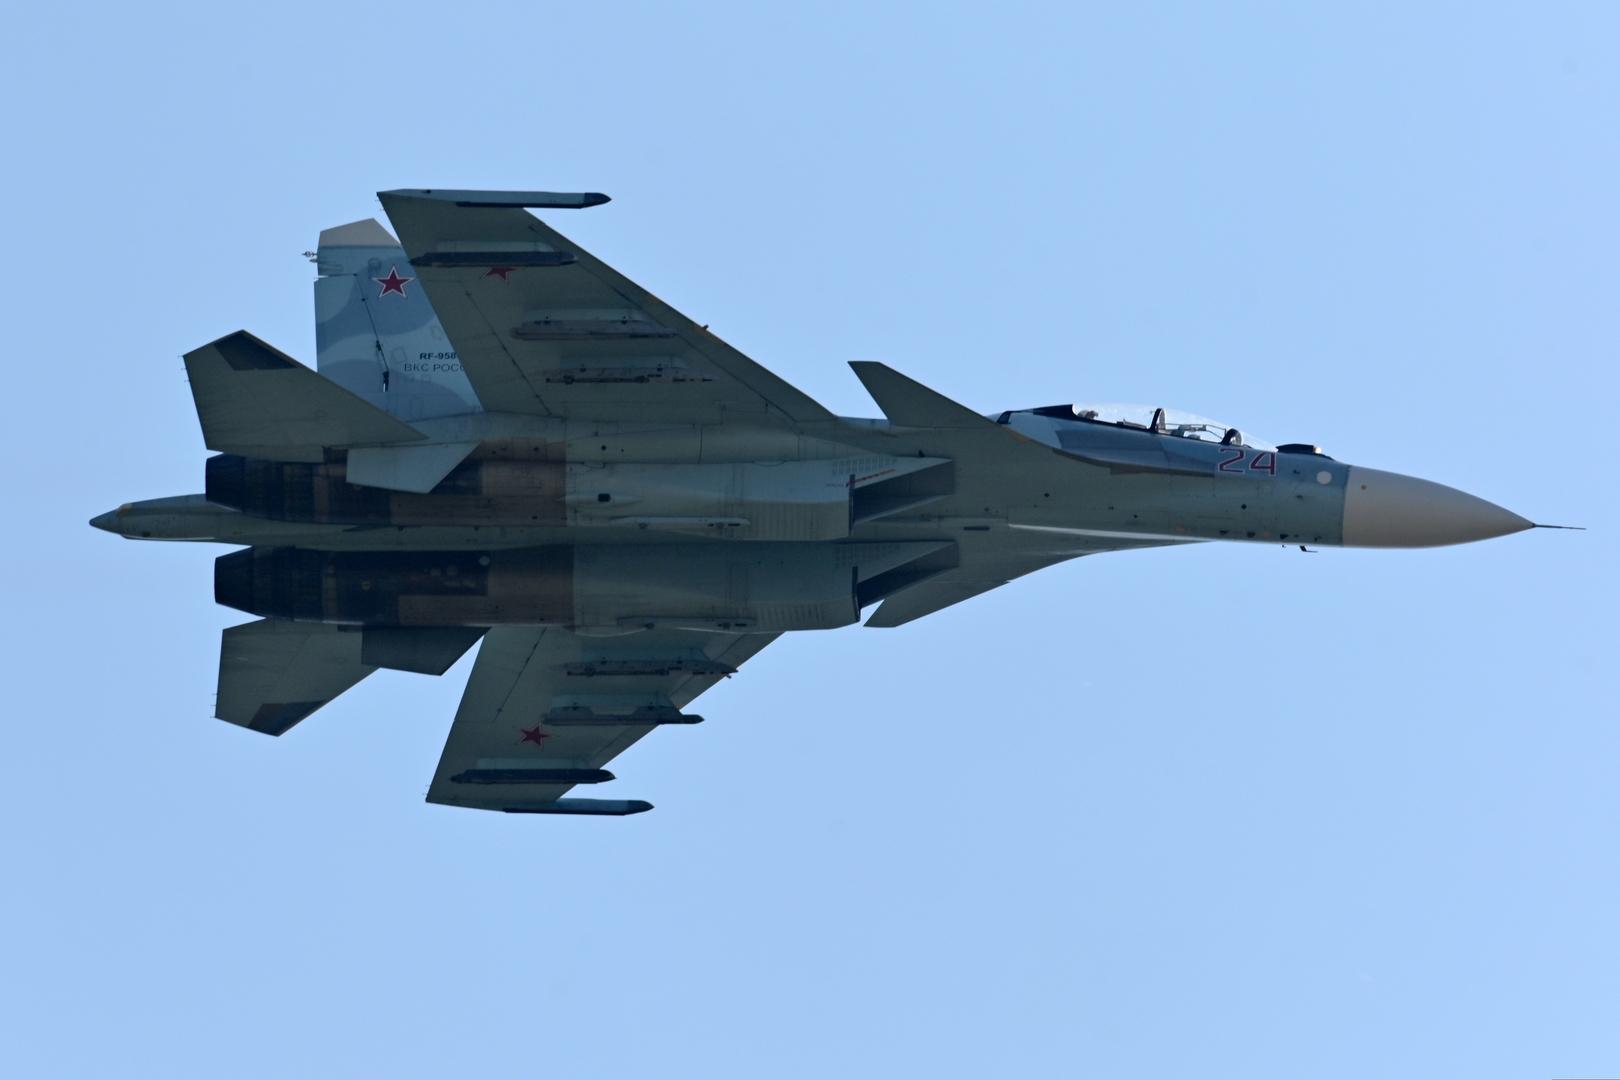 مقاتلة روسية تعترض طائرتي استطلاع أمريكيتين فوق البحر الأسود